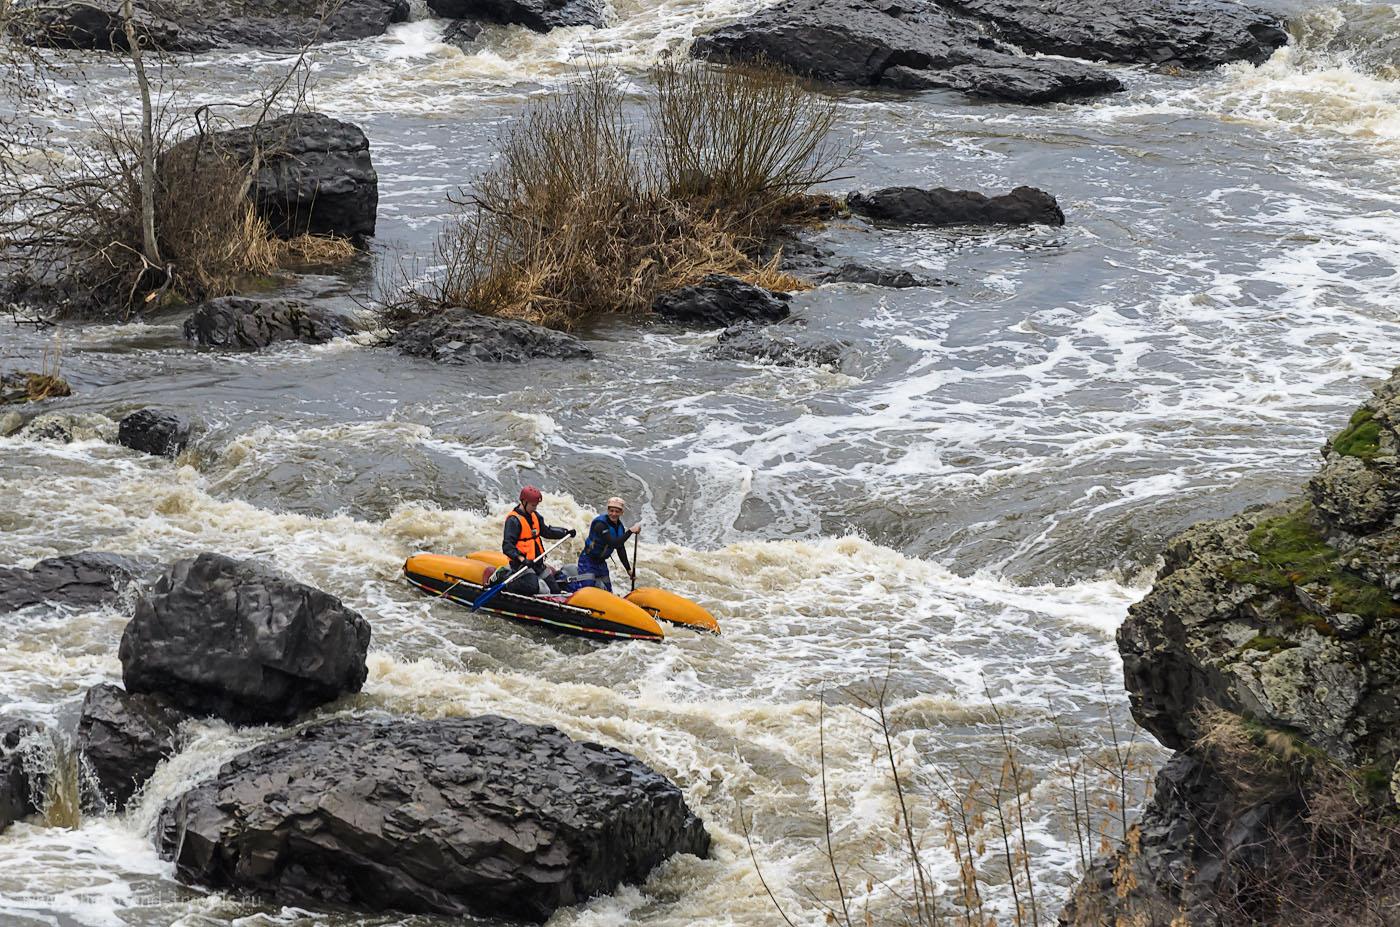 10. Отважные ребята на пороге Ревун весной. Сплав на байдарках по реке Исеть на майские праздники